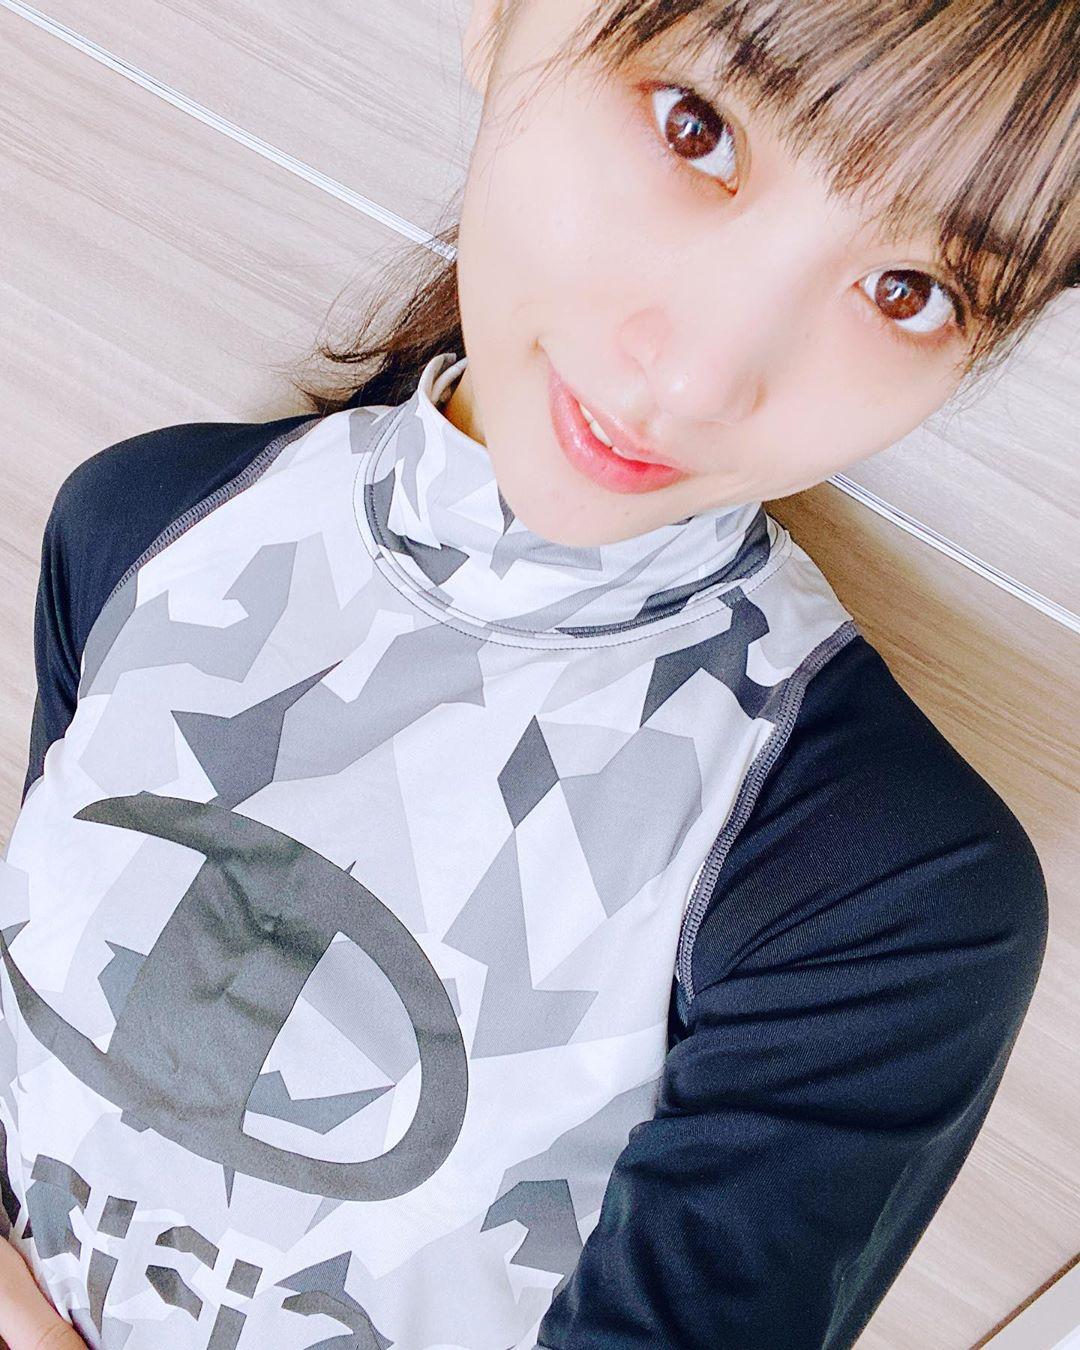 negishi_ai072.jpg